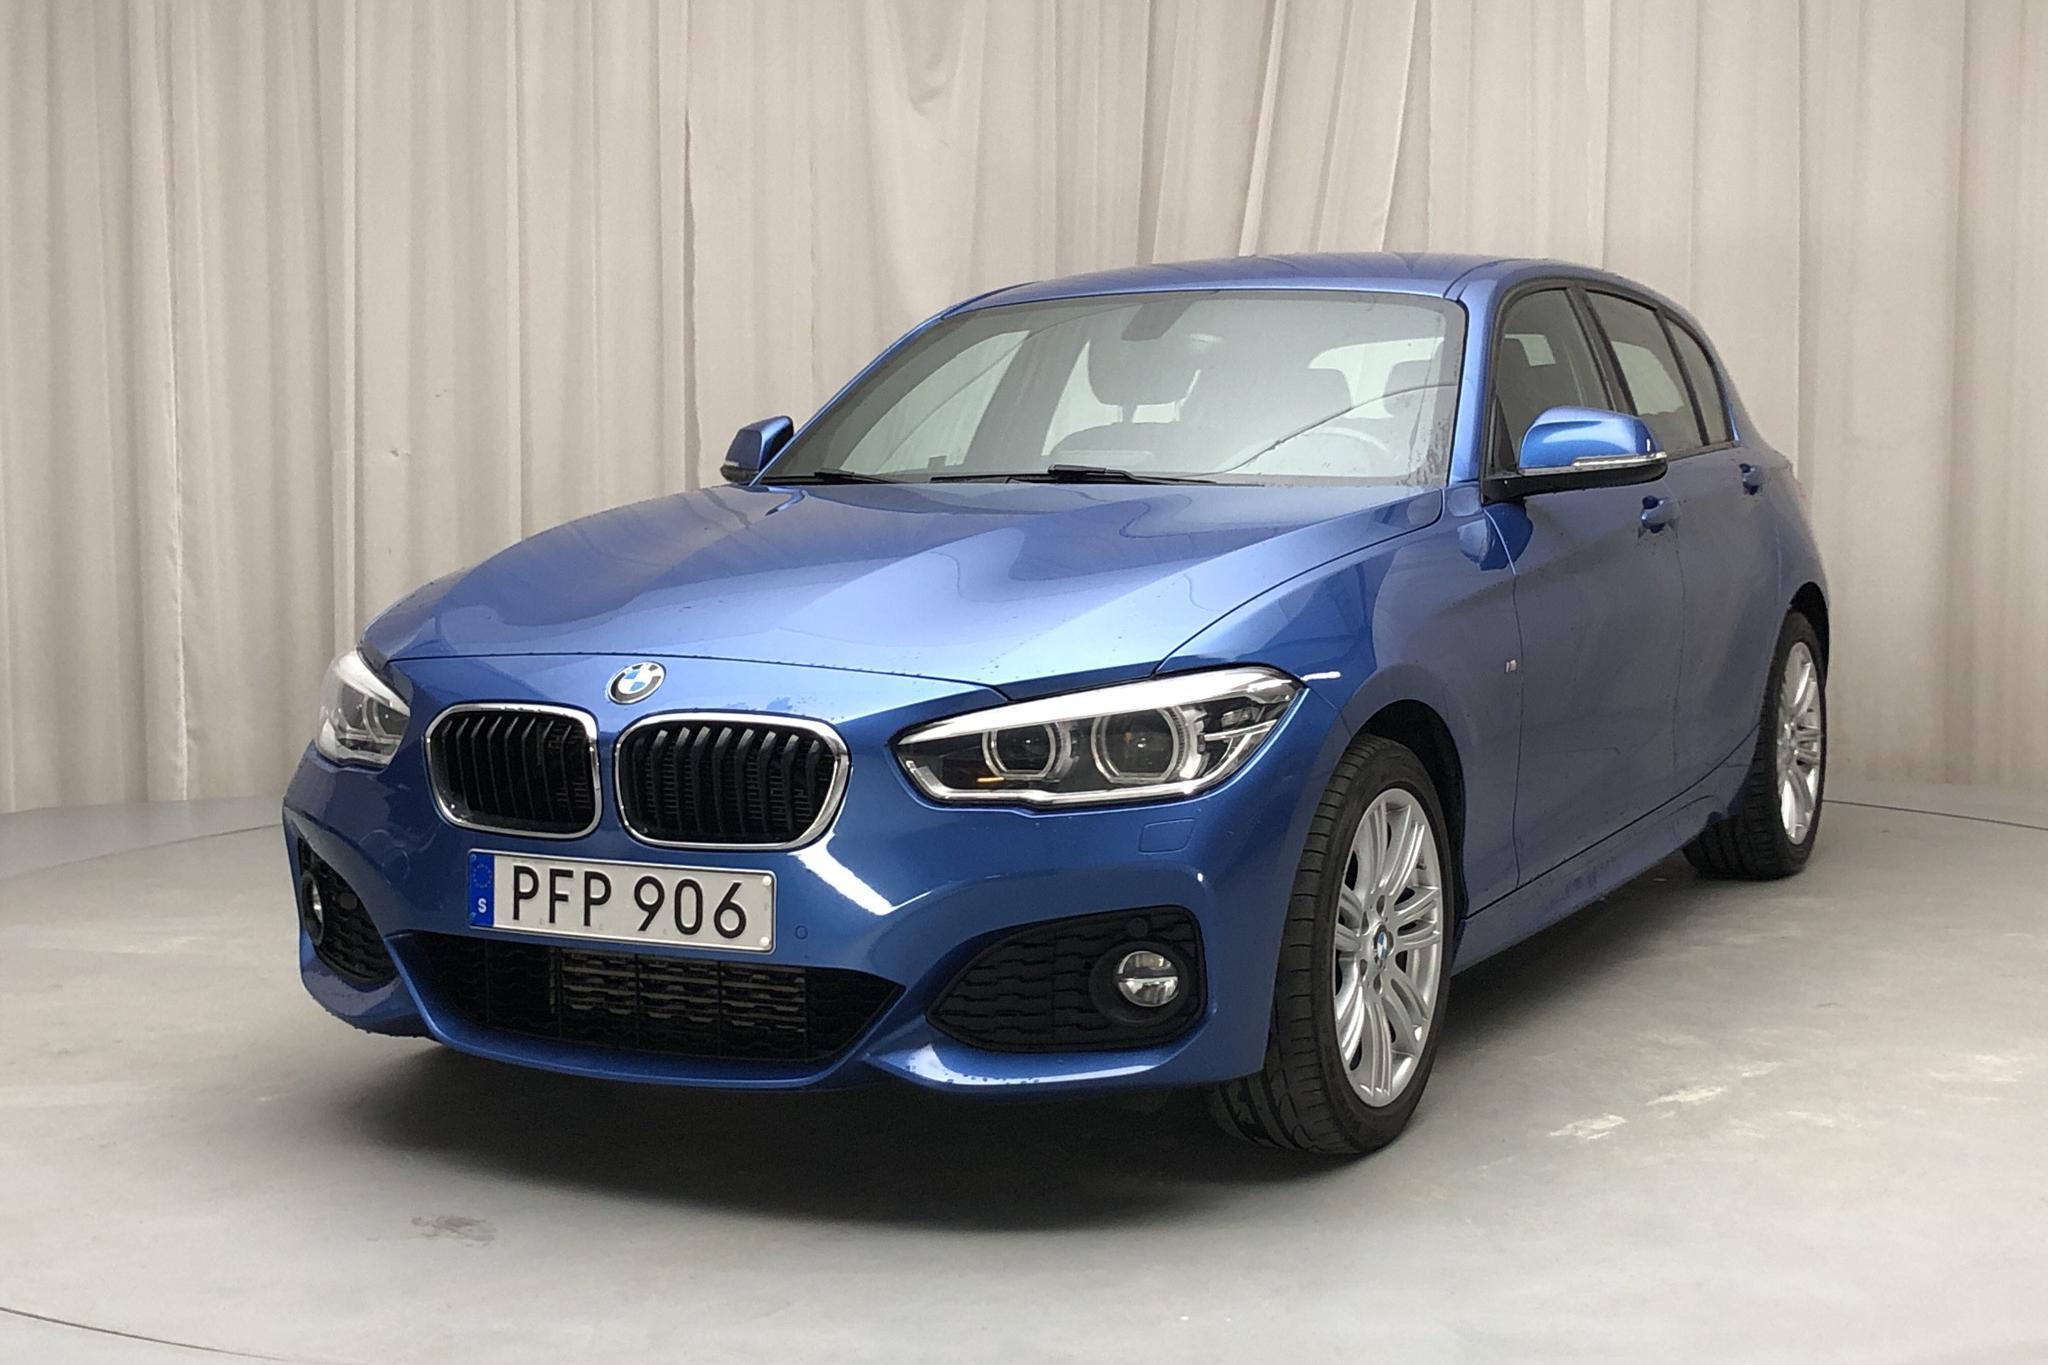 BMW 120d xDrive 5dr, F20 (190hk) - 7 323 mil - Automat - blå - 2017